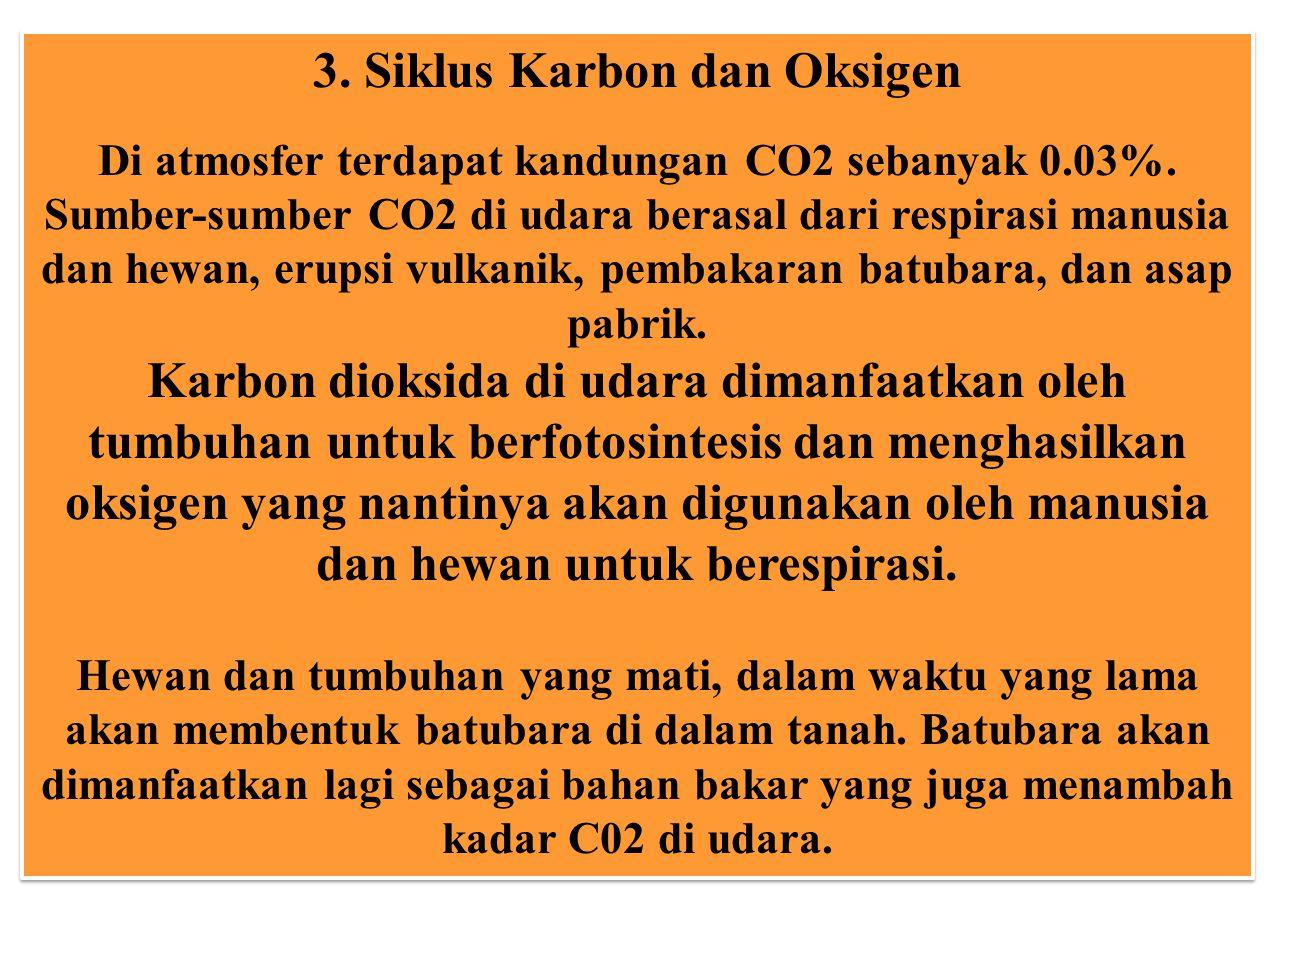 3. Siklus Karbon dan Oksigen Di atmosfer terdapat kandungan CO2 sebanyak 0.03%. Sumber-sumber CO2 di udara berasal dari respirasi manusia dan hewan, e